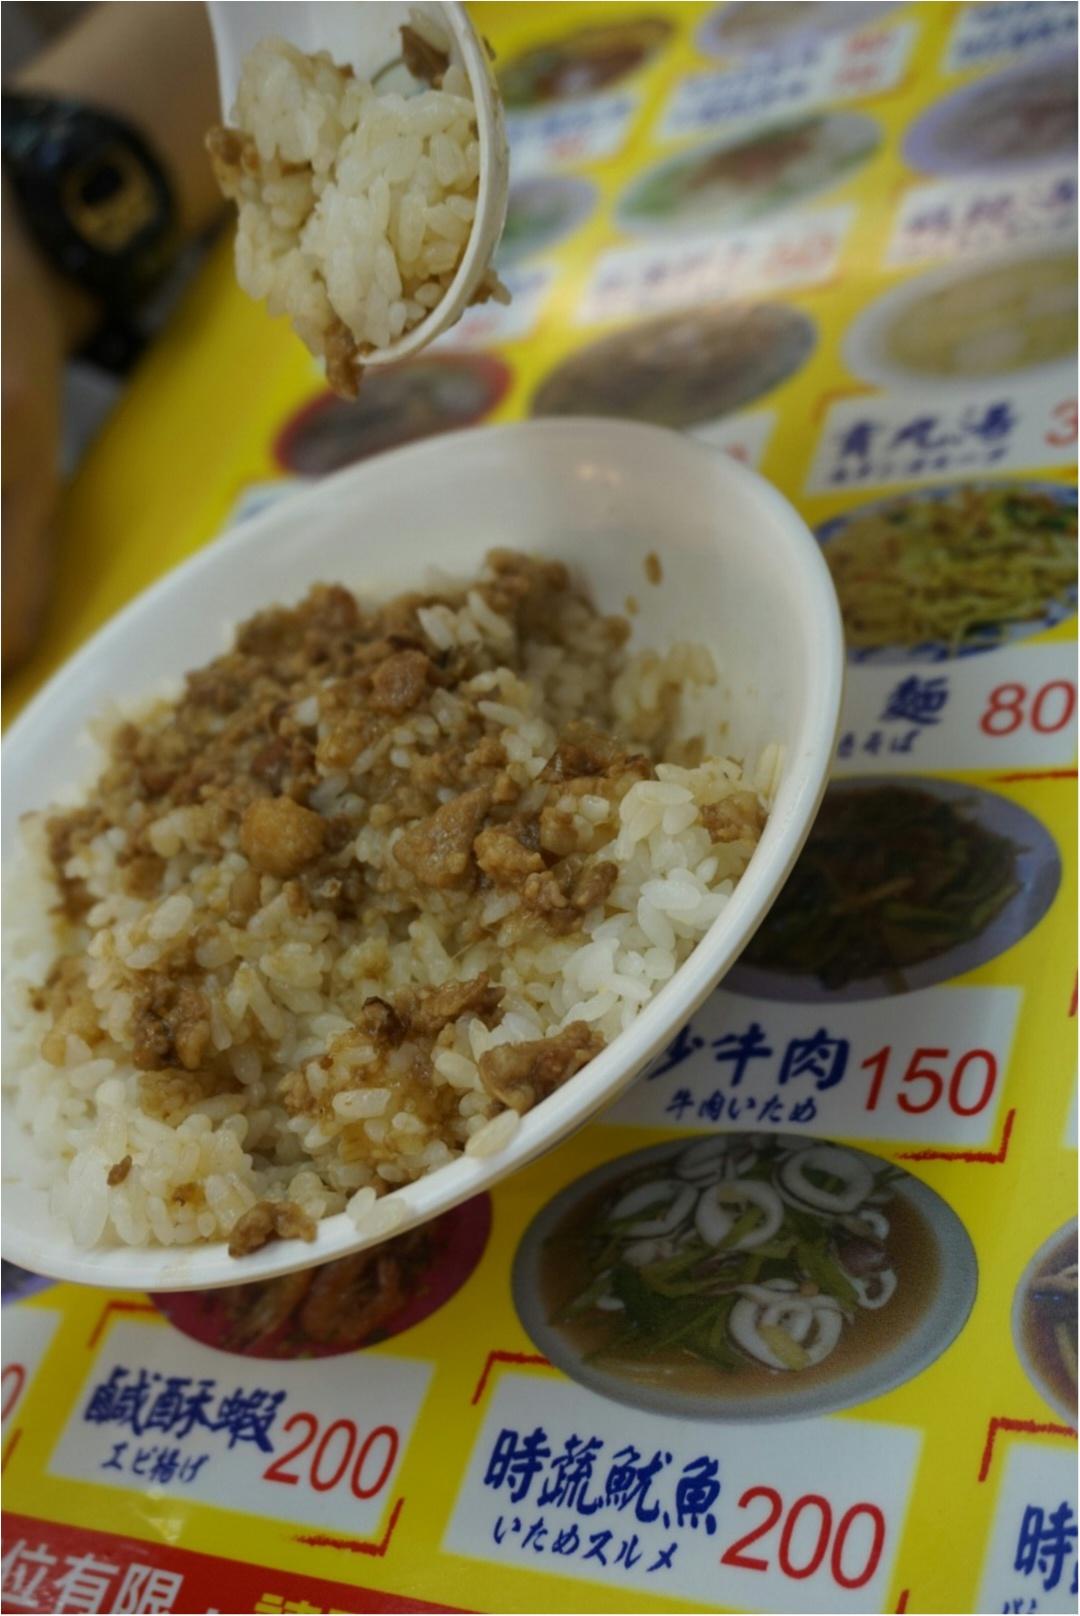 台湾のおしゃれなカフェ&食べ物特集 - 人気のタピオカや小籠包も! 台湾女子旅におすすめのグルメ情報まとめ_79